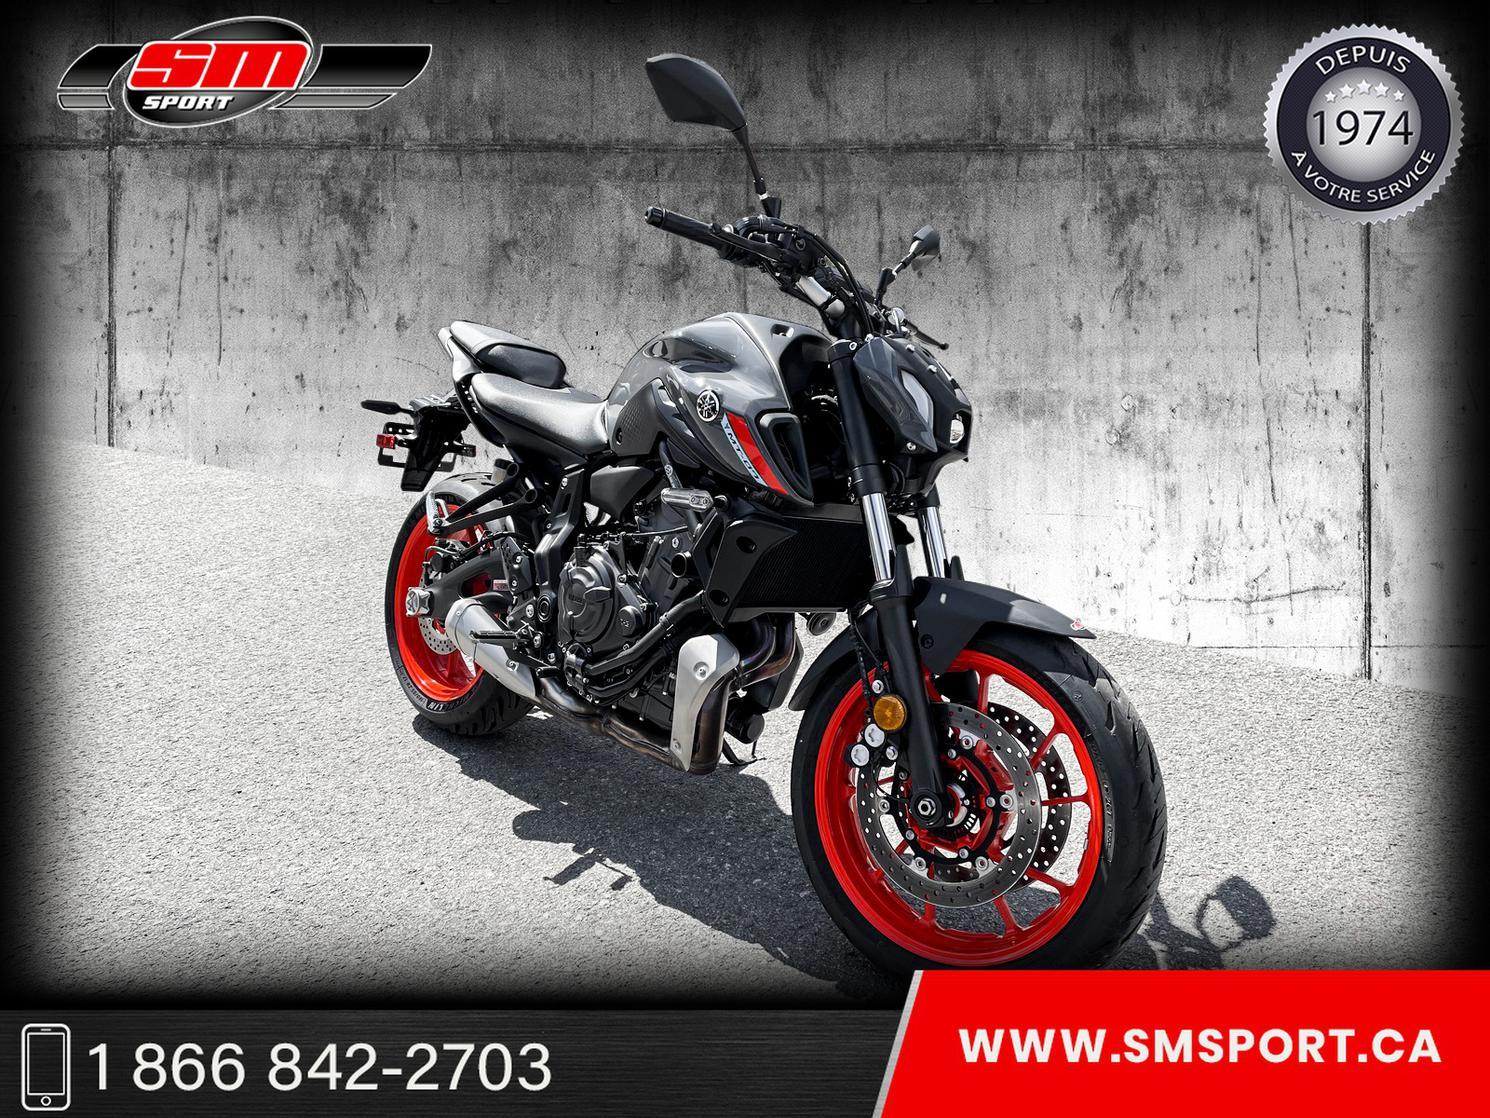 Yamaha MT-07 2021 - NOUVEAU MODELE 2021 - DISPONIBLE